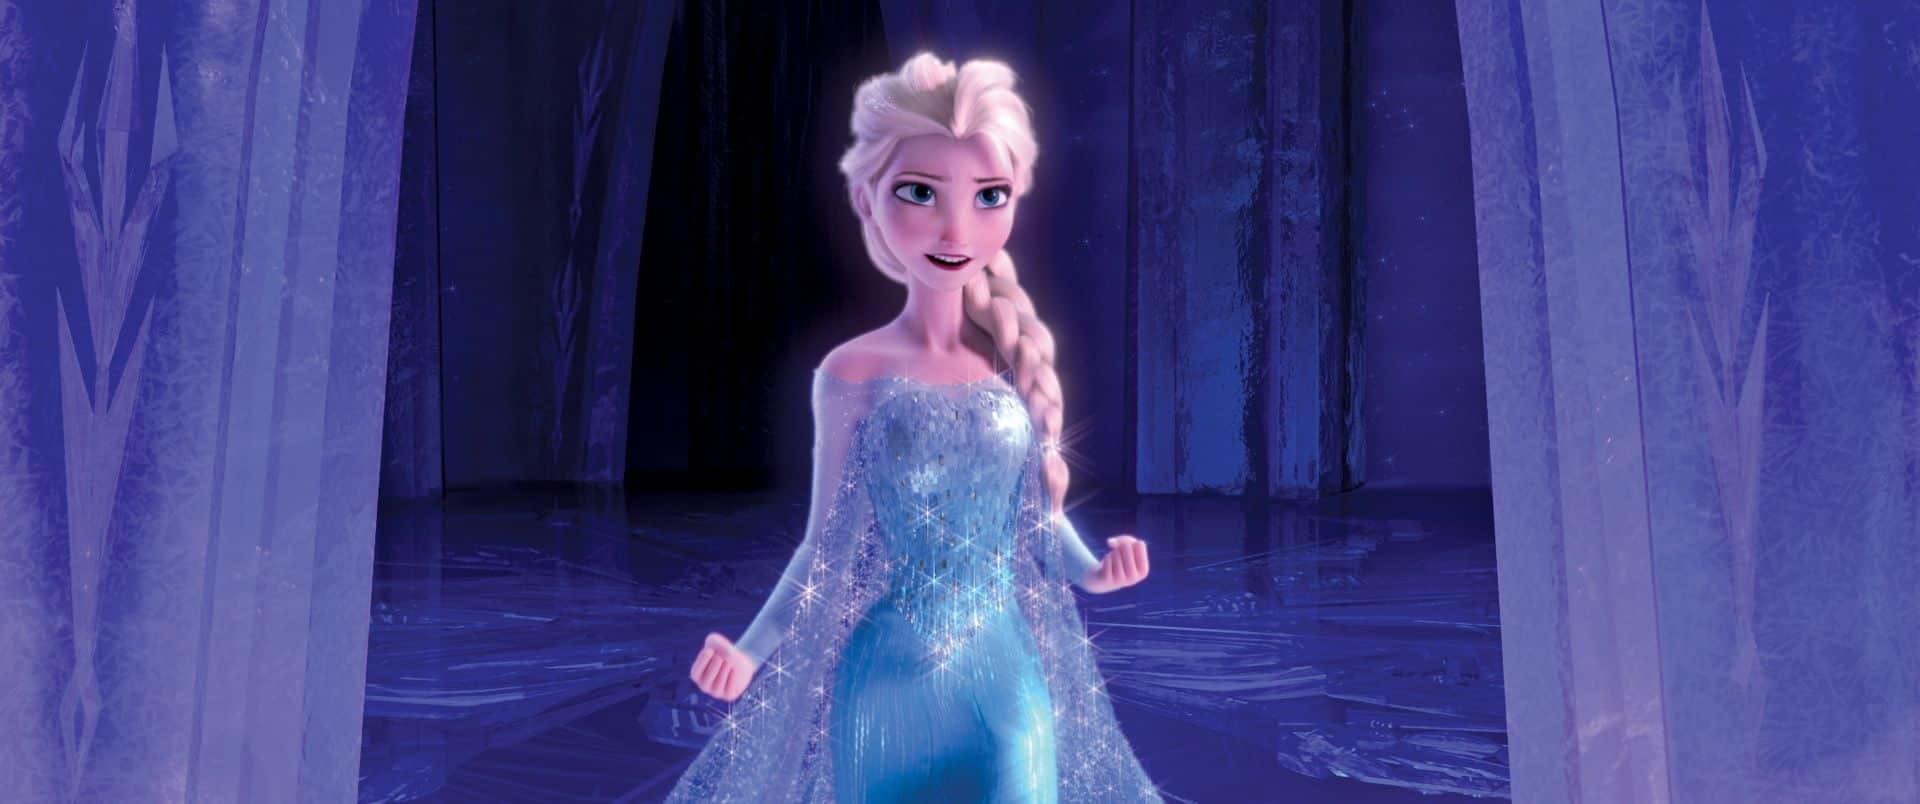 Frozen: scegliere di amarsi completamente | Dipendiamo.blog